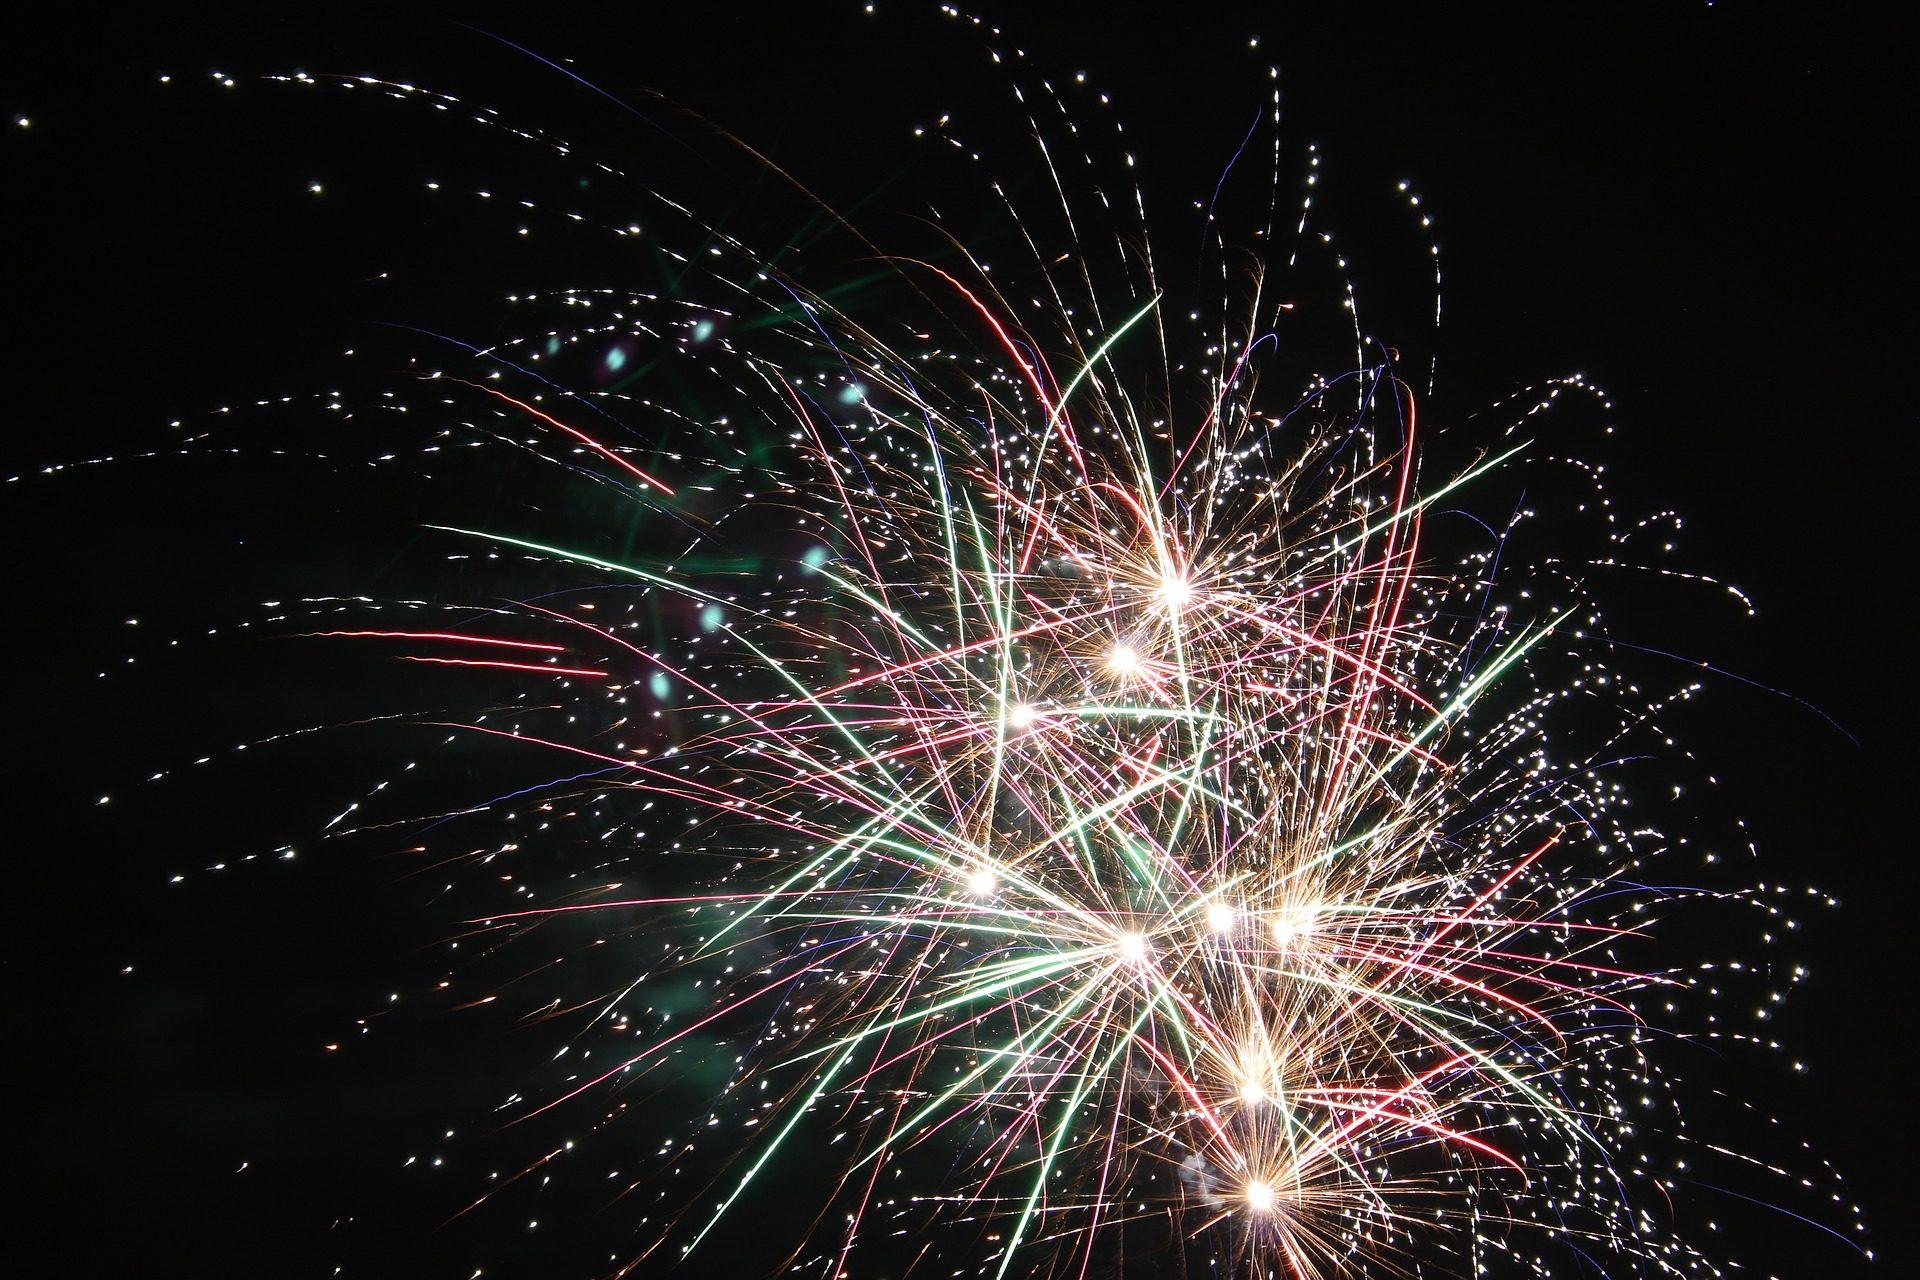 Feux d'artifice, fusées, explosions, pétards, coloré, nuit - Fonds d'écran HD - Professor-falken.com